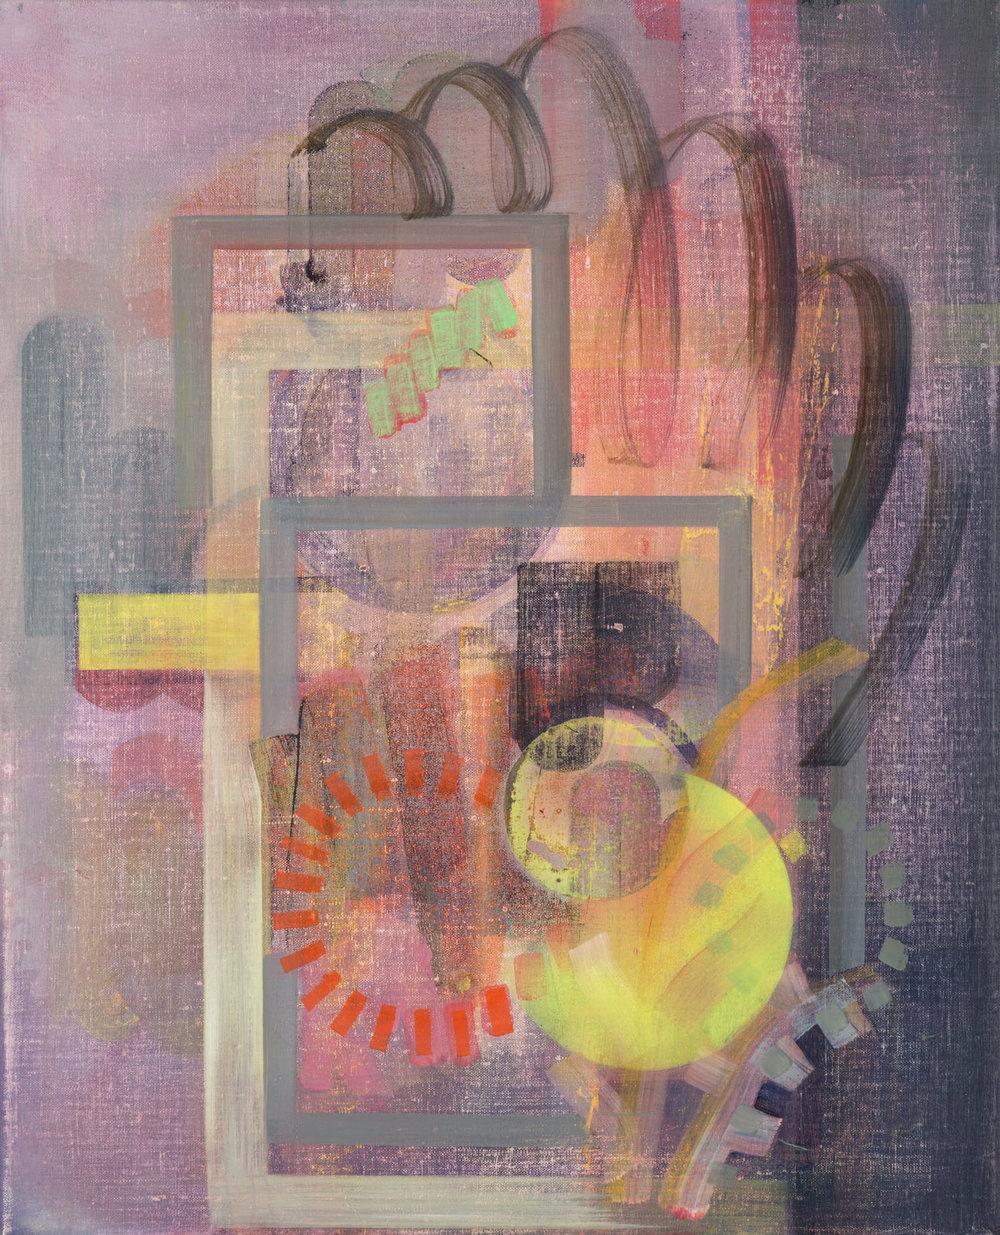 Frames, oil on linen, 50cm x 40cm, 2016